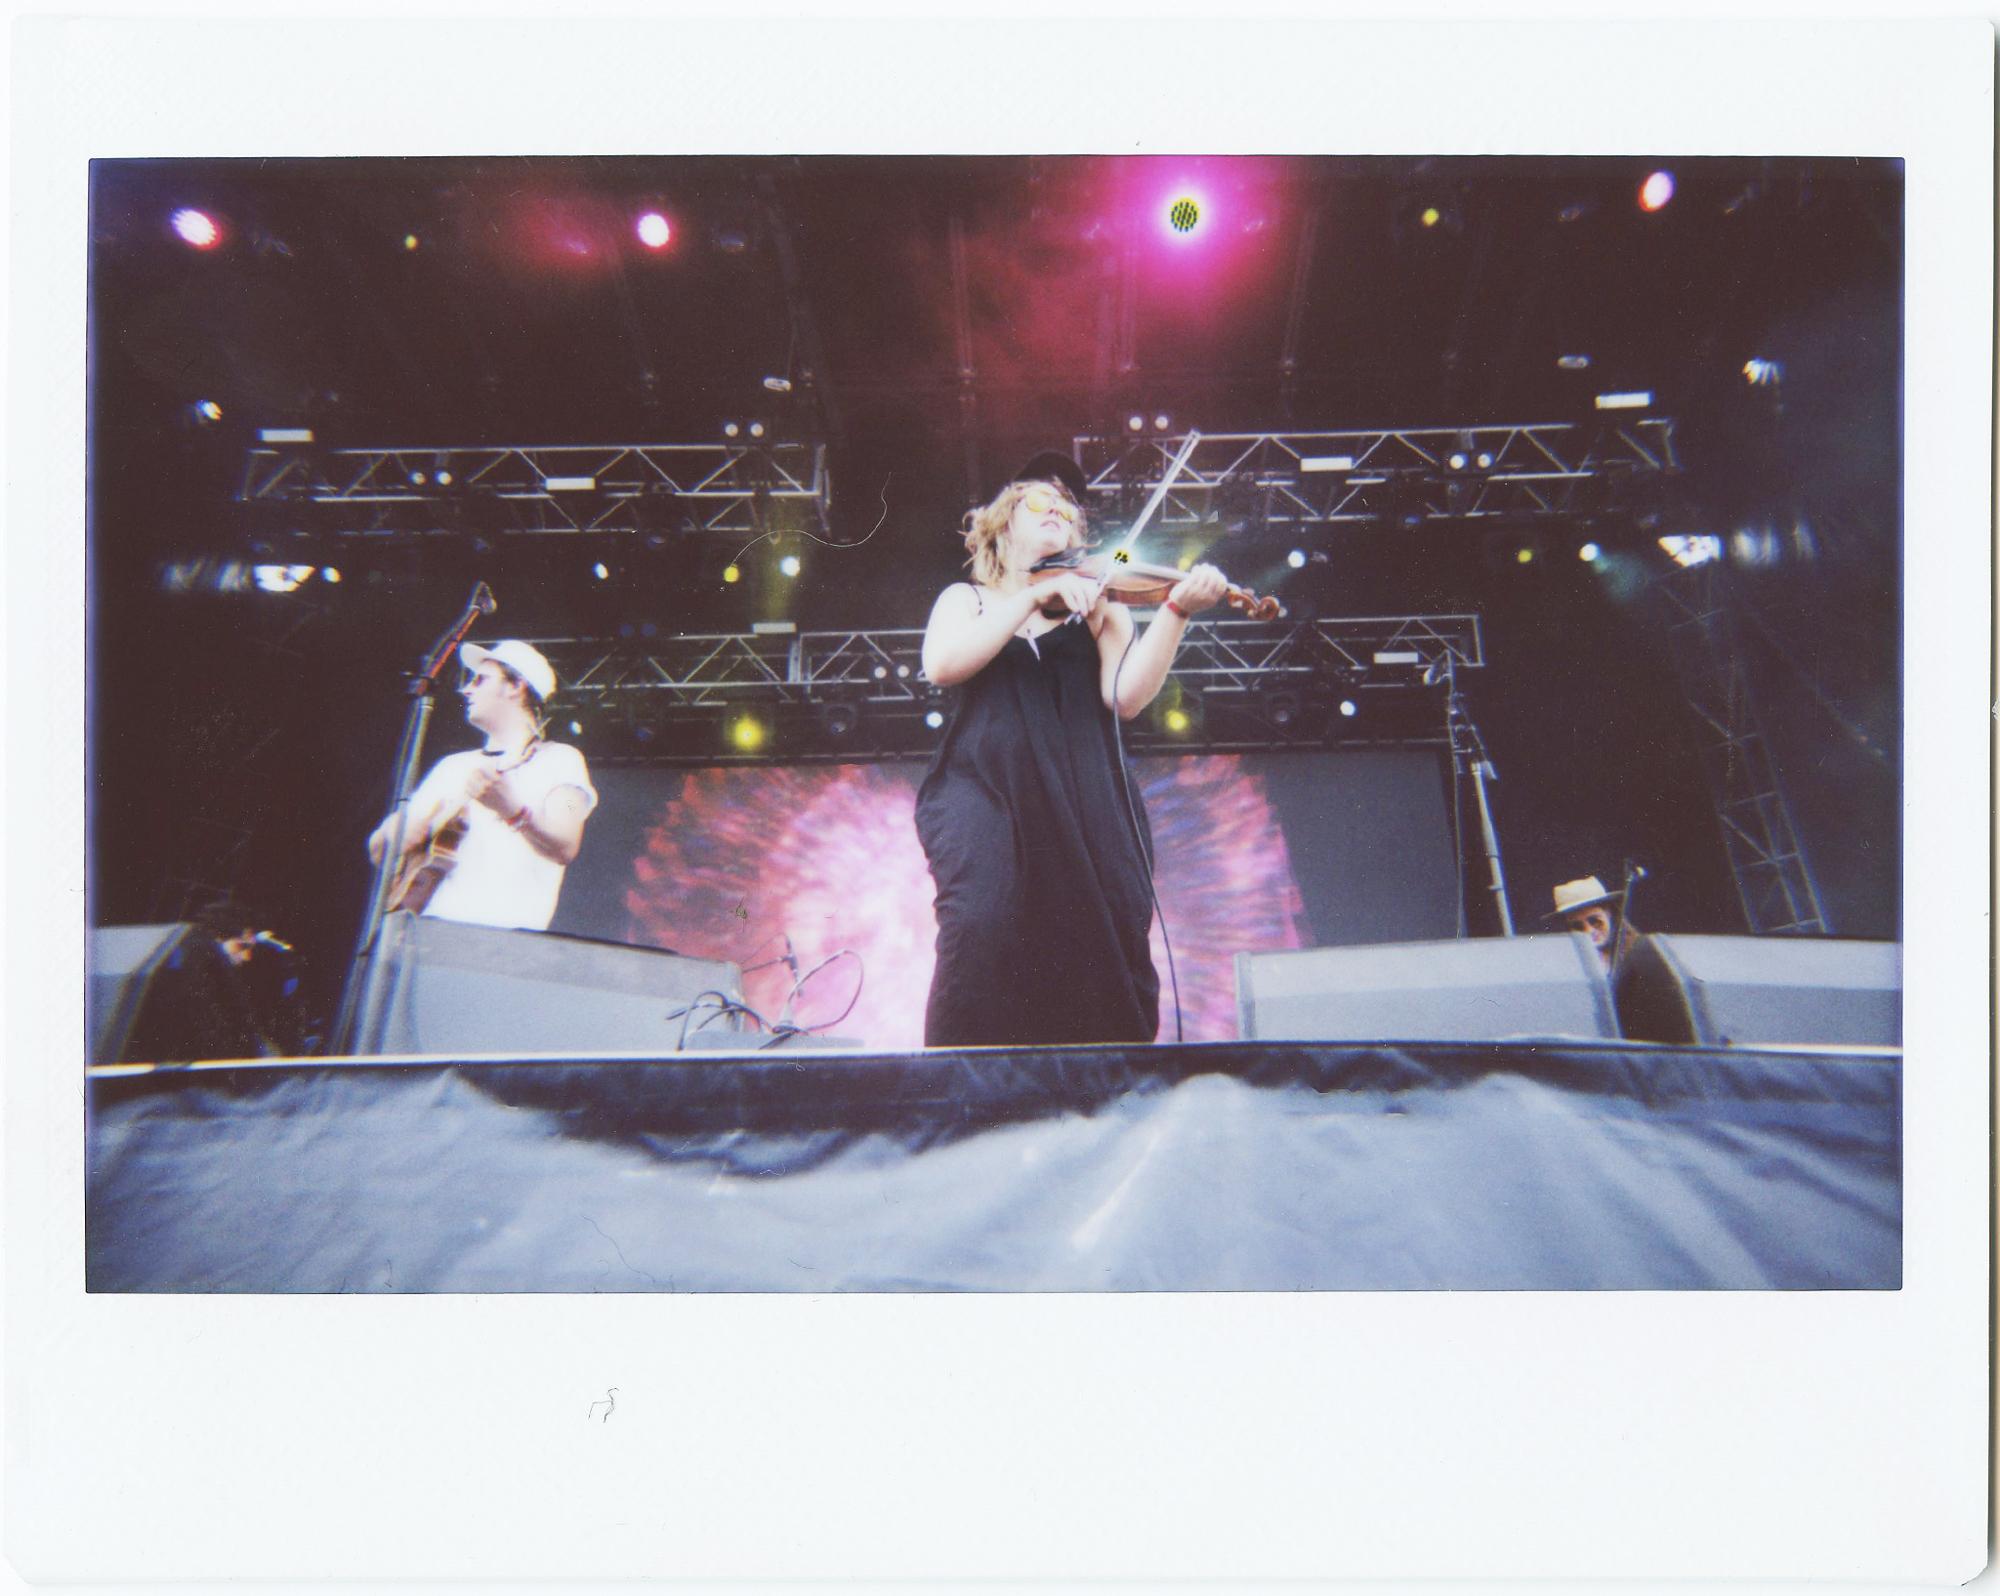 FloatFest17-PhotoByKatrinaBarber-4-4.jpg